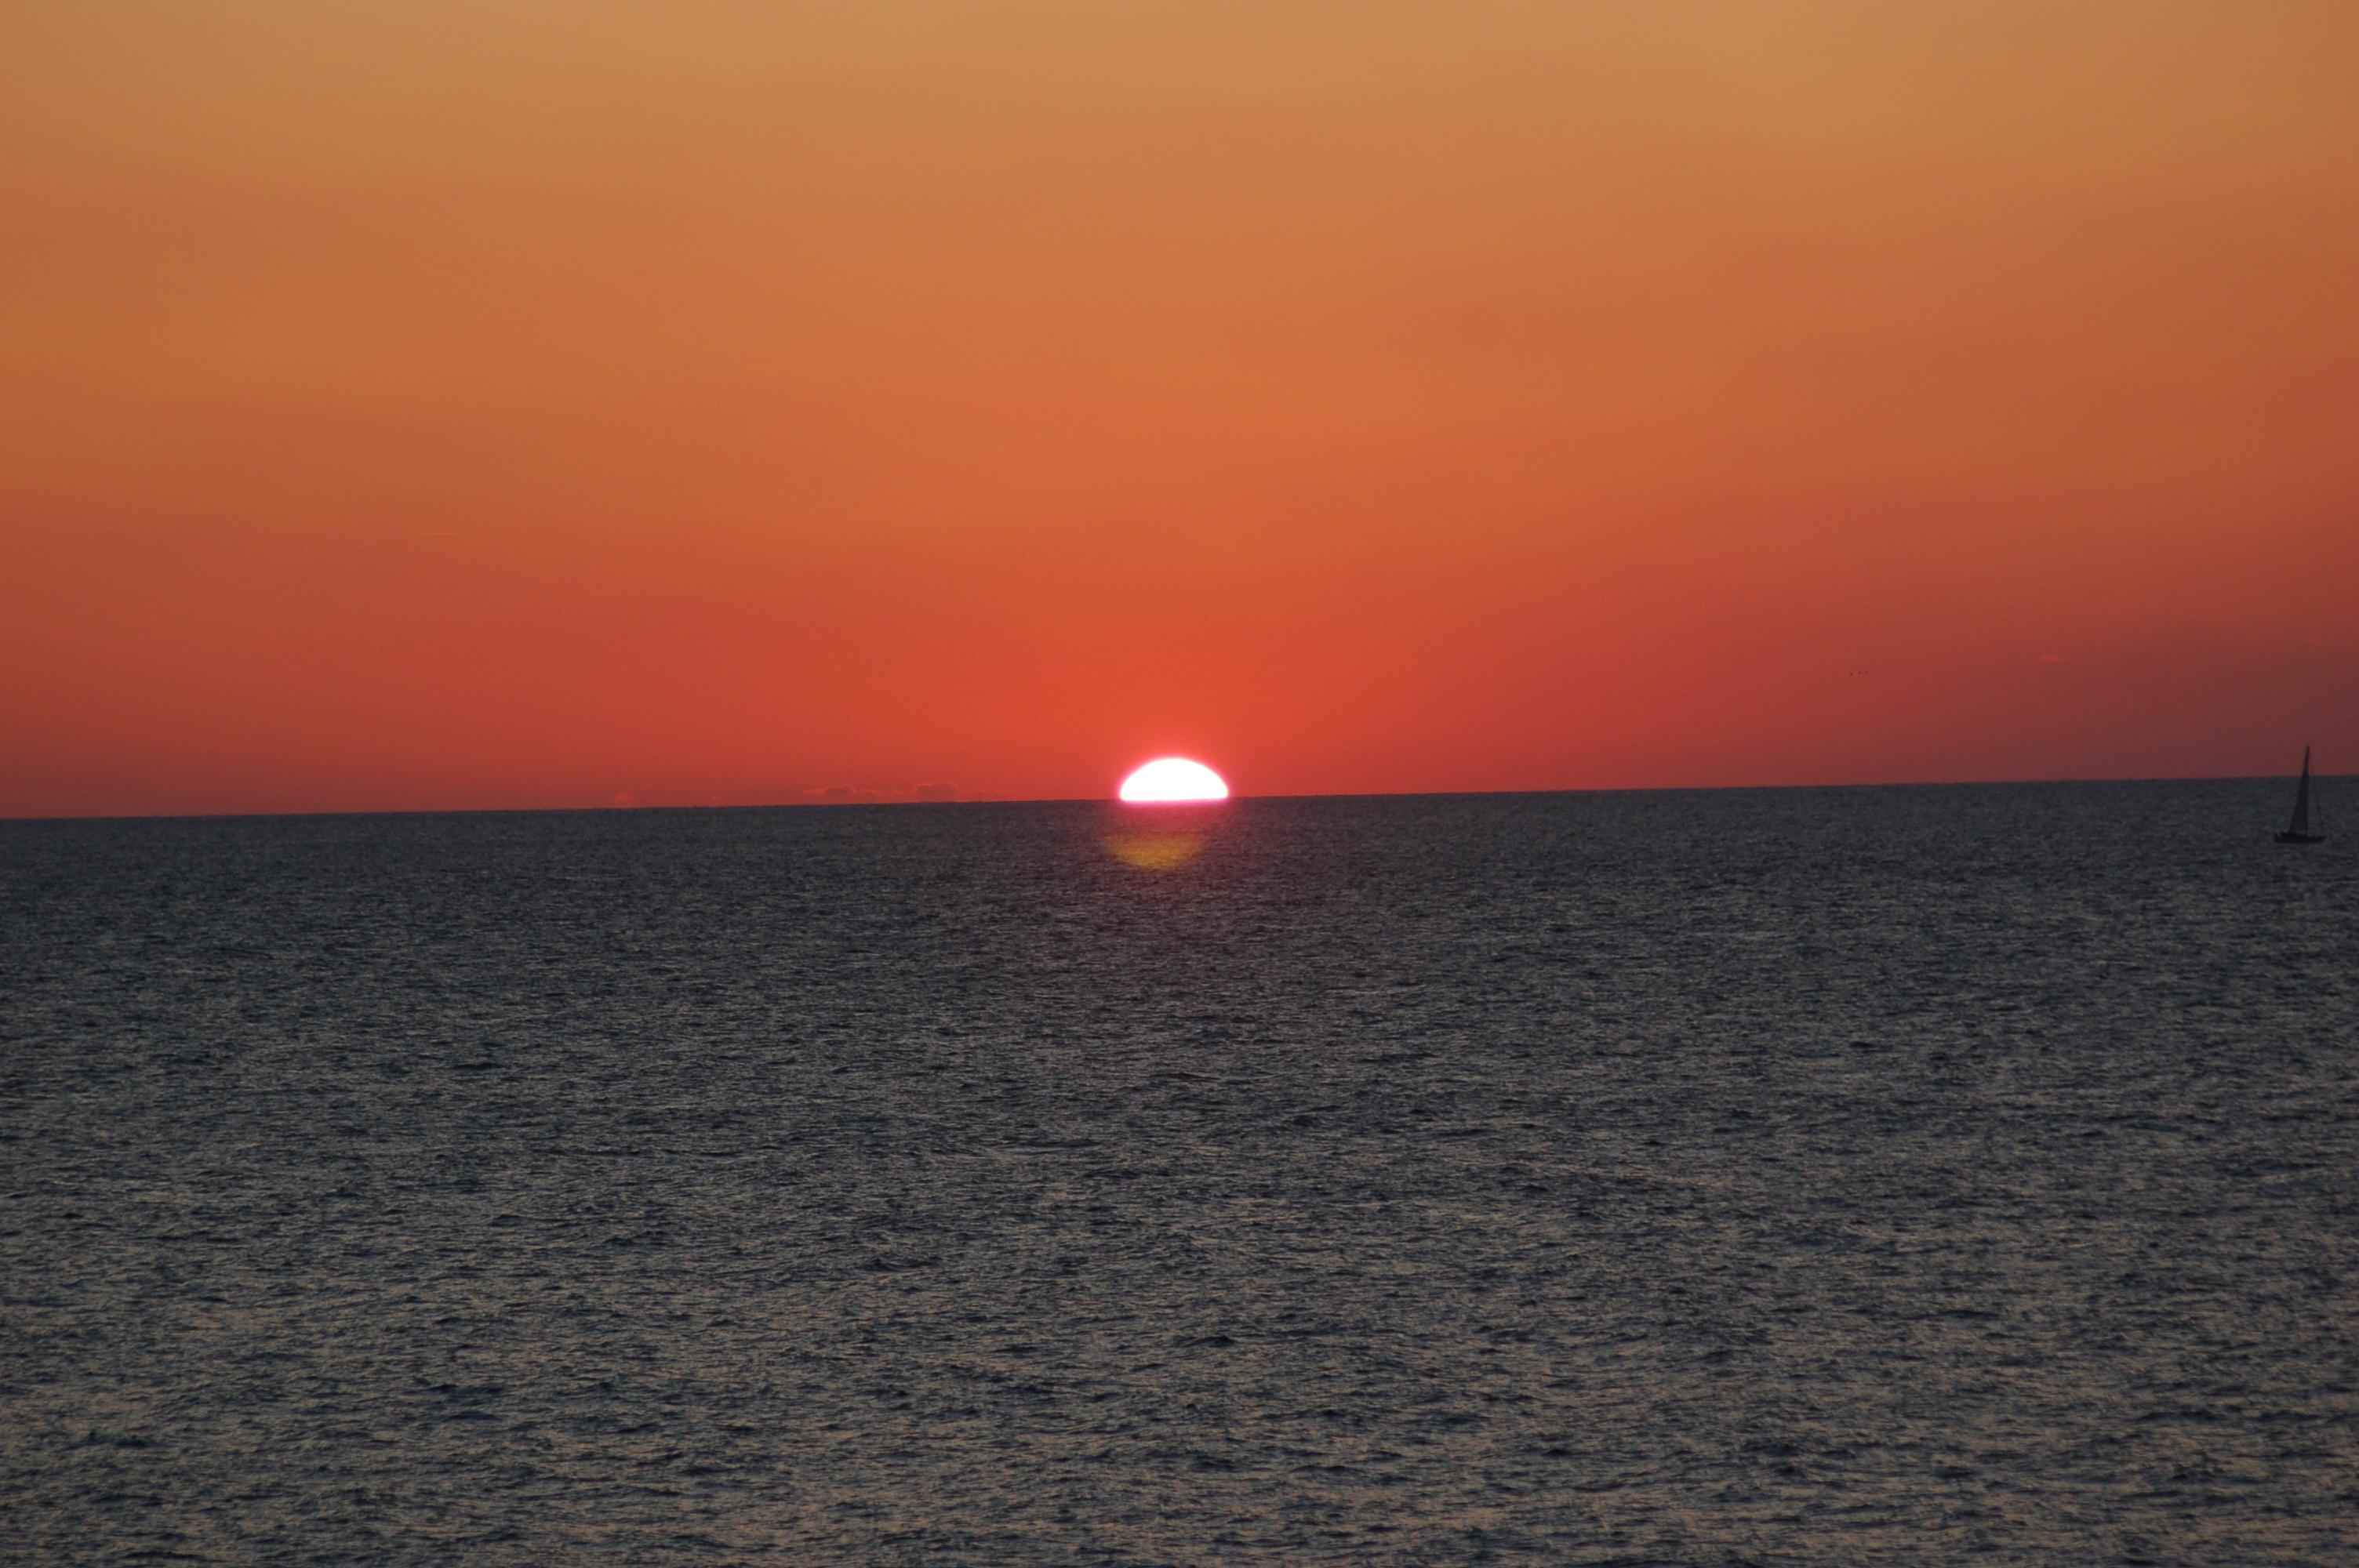 Foto playa Virgen del Mar. Puesta de sol desde Virgen del Mar 08-2007